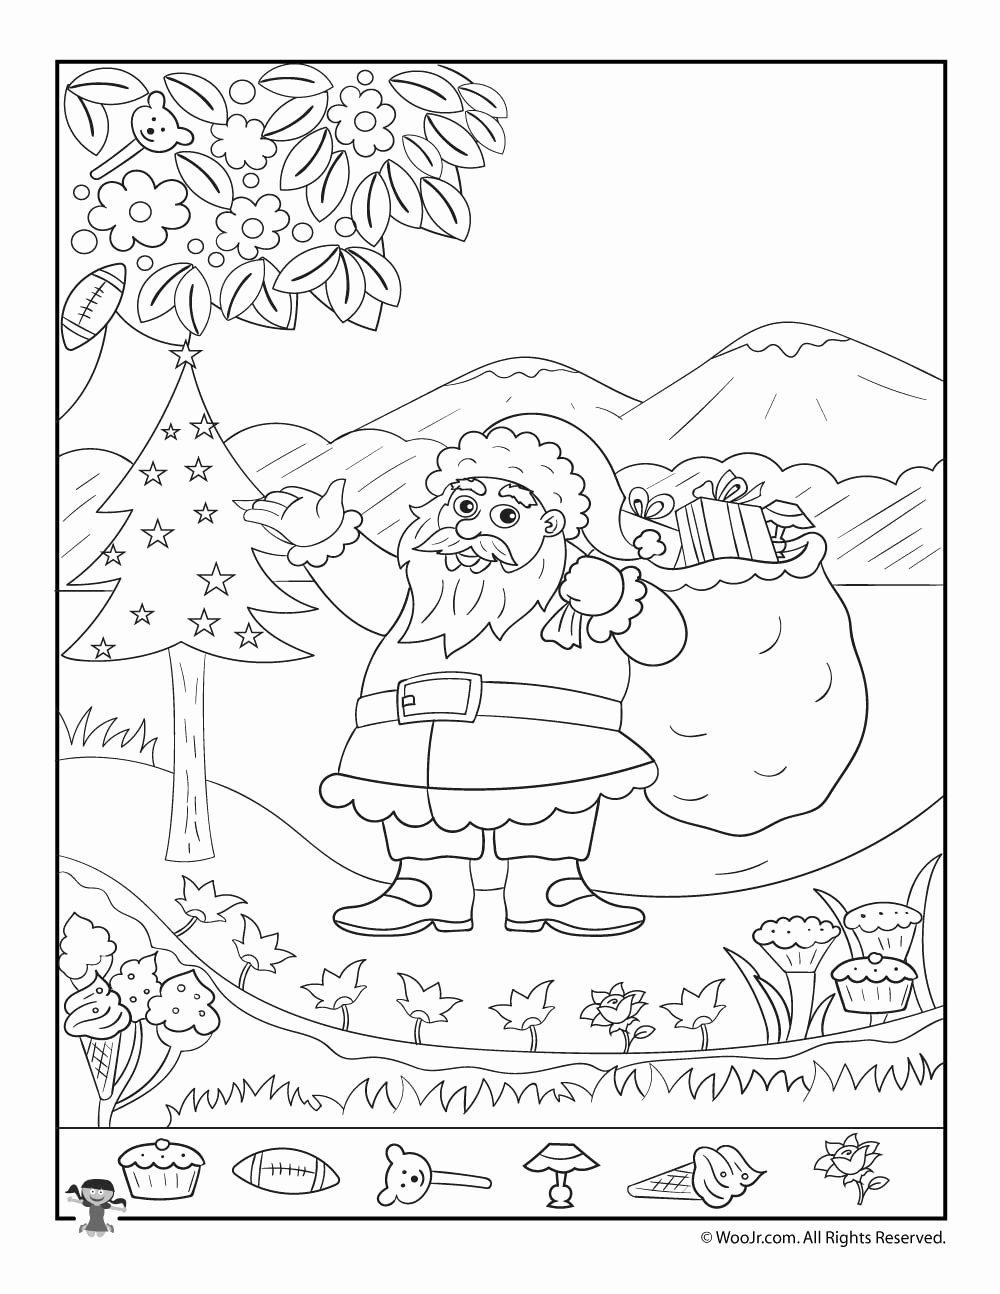 Hidden Objects Worksheets for Preschoolers New 45 Engaging Hidden